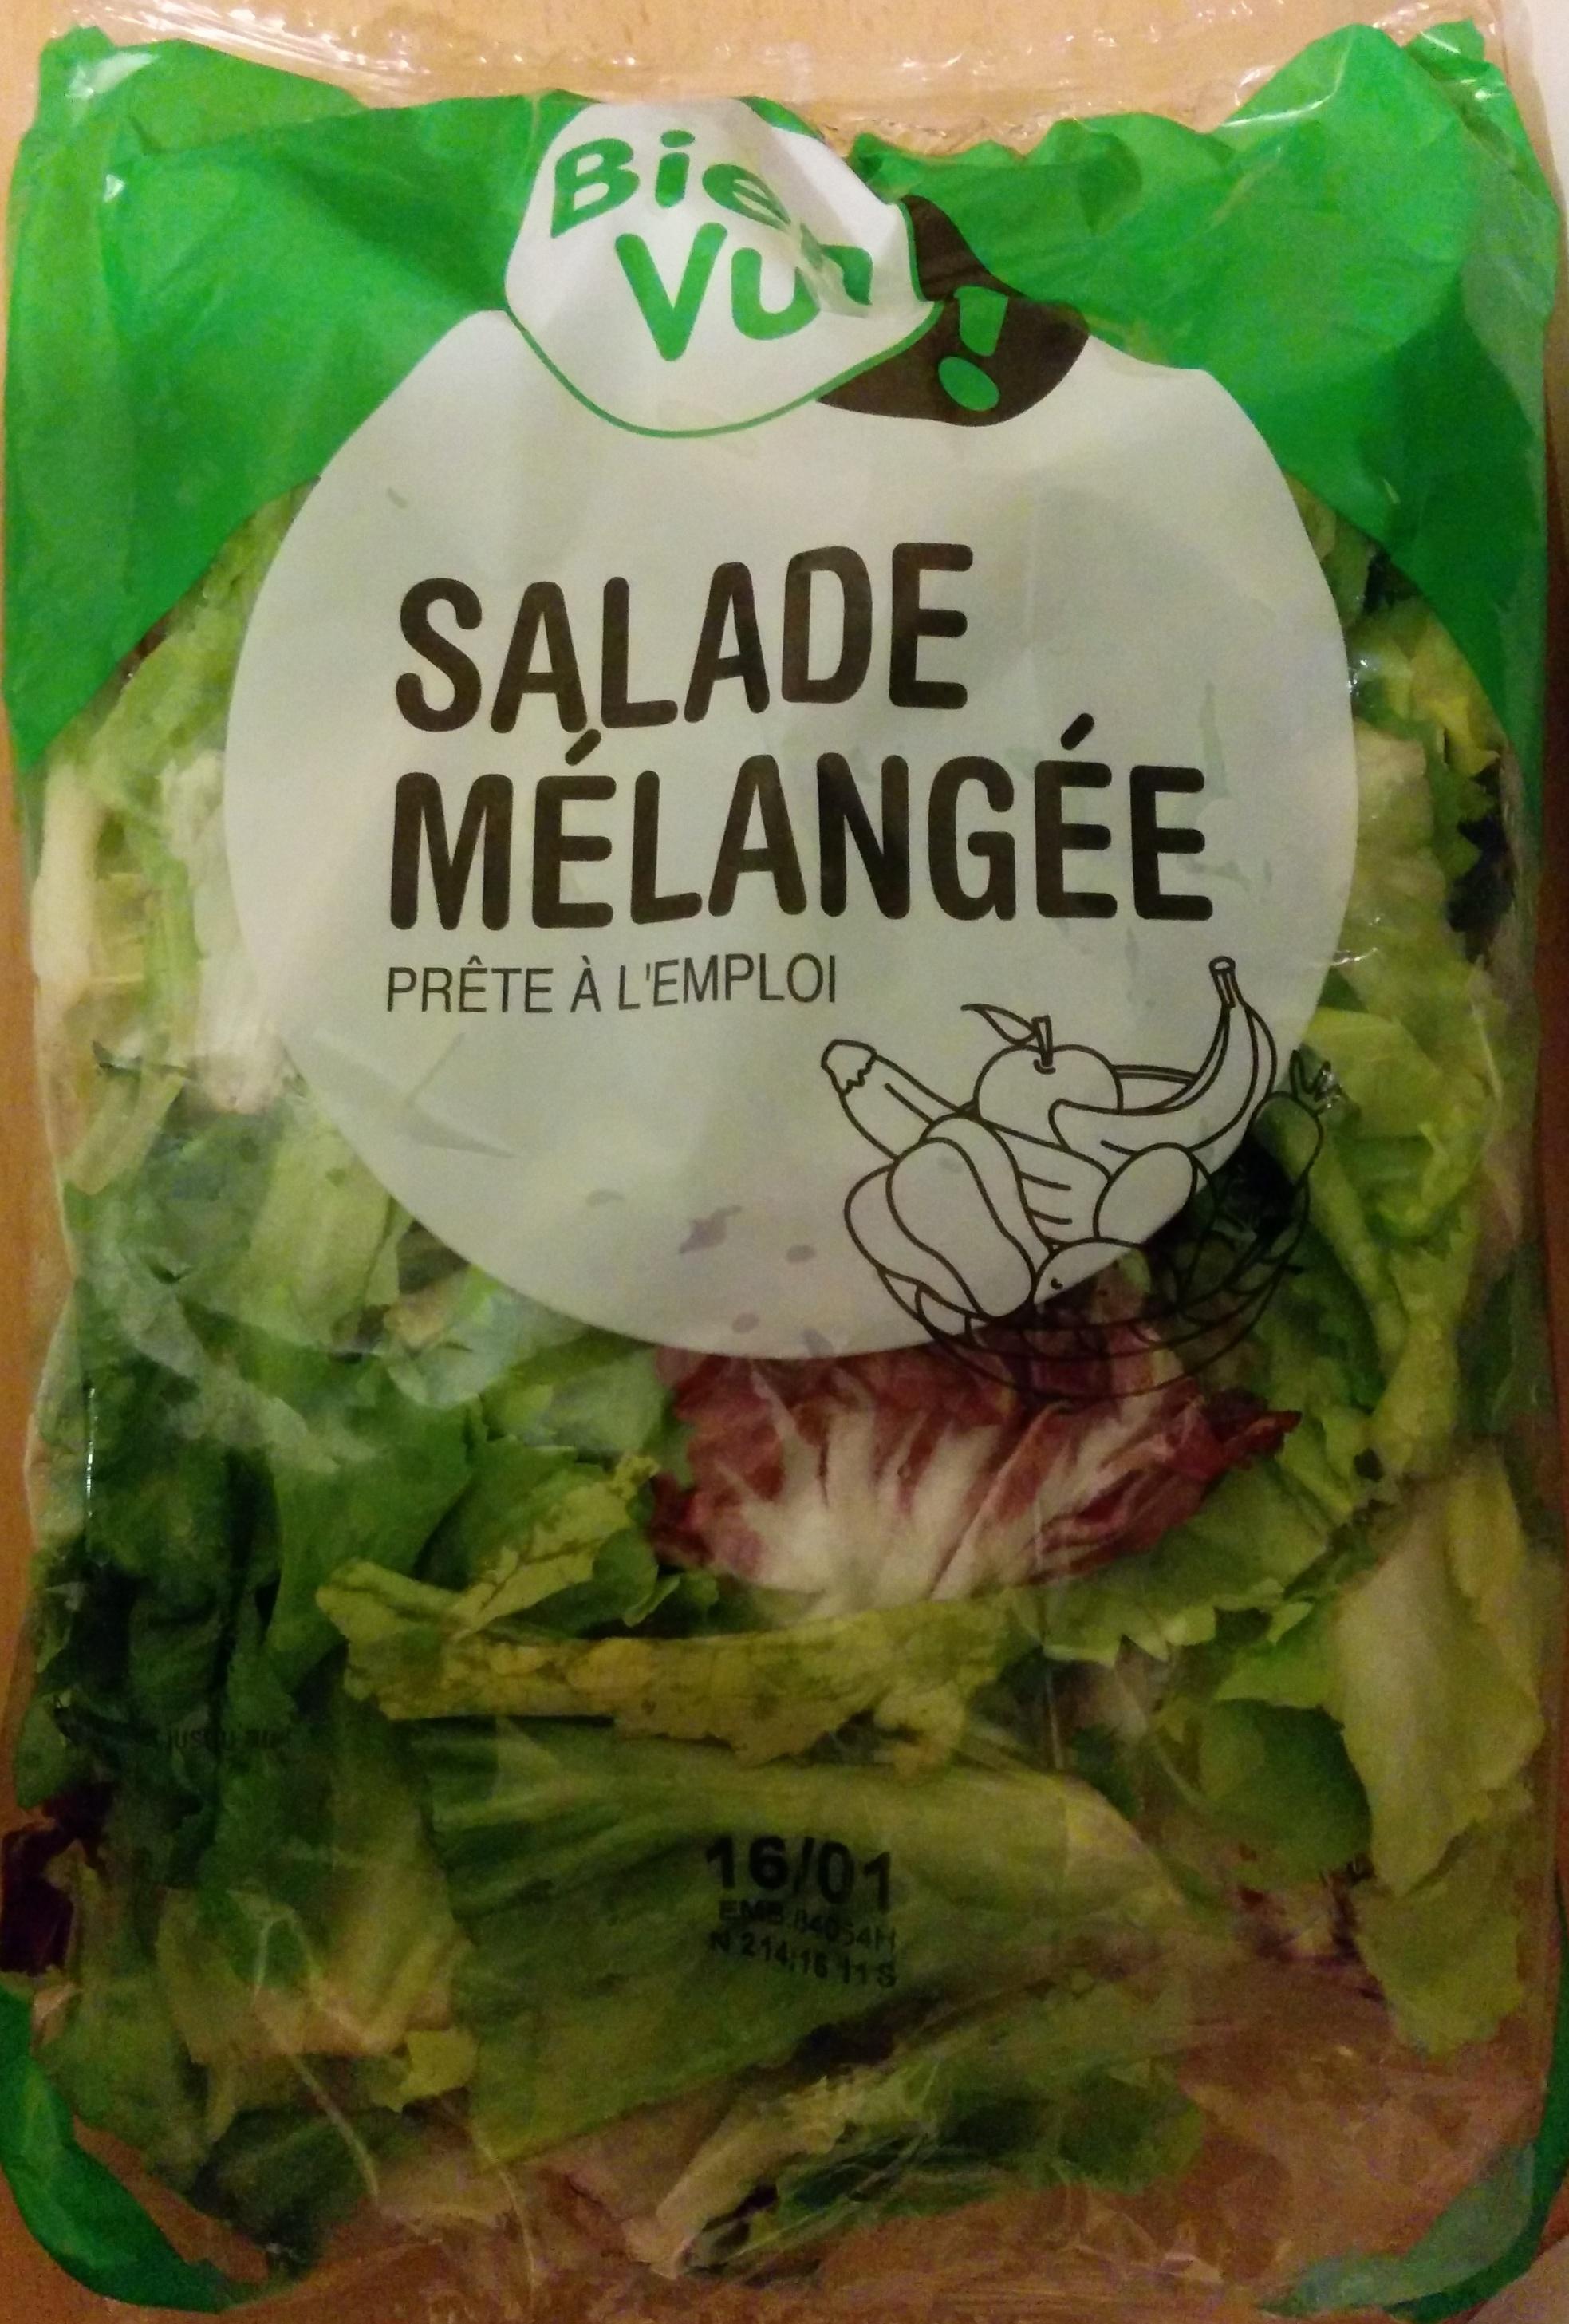 Salade Mélangée prête à l'emploi - Produit - fr